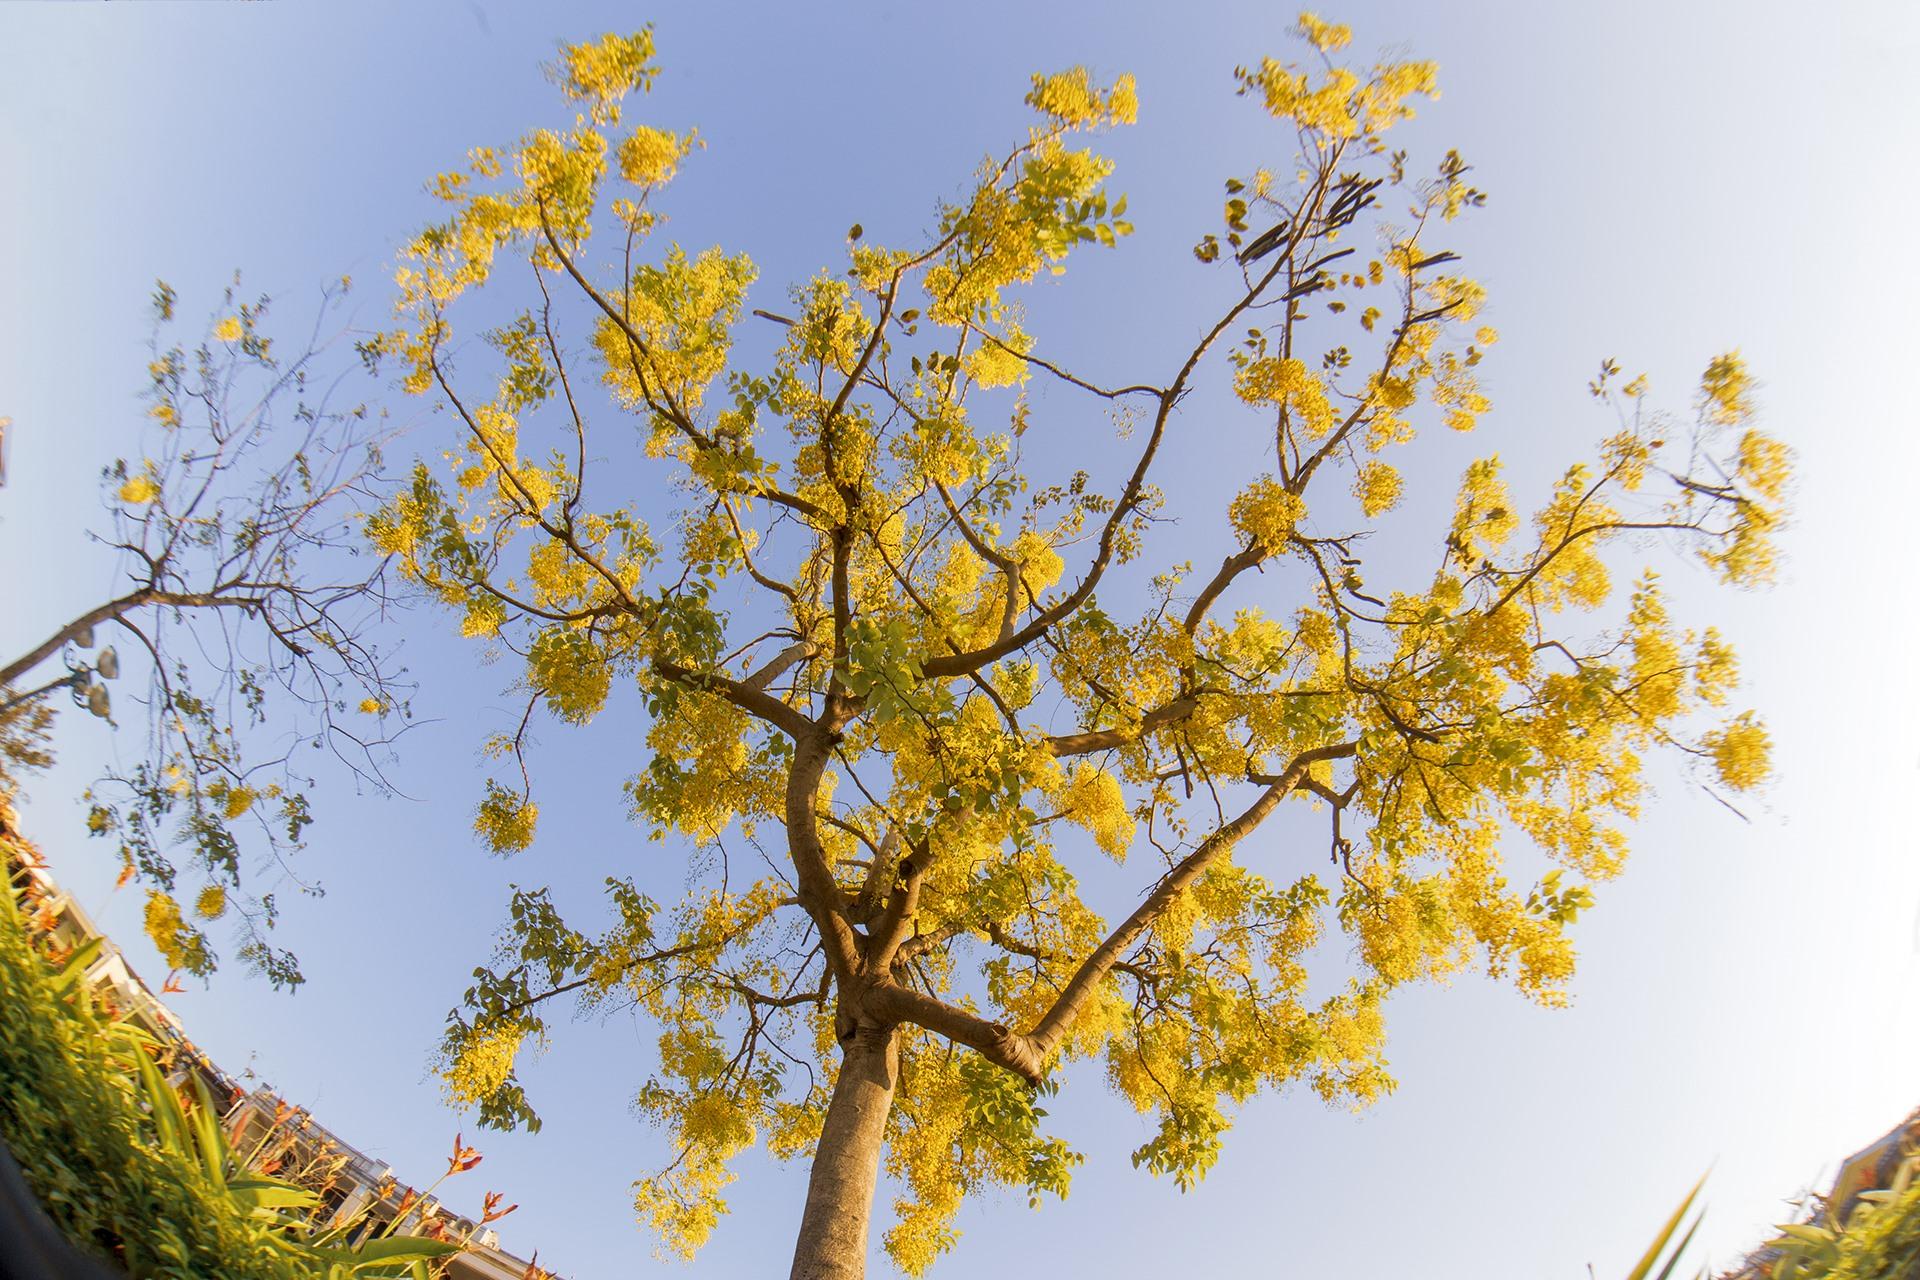 Khi nở hoa, Hoàng yến như đổ màu xuống phố với những chùm hoa vàng. Ảnh: Lê Tuấn